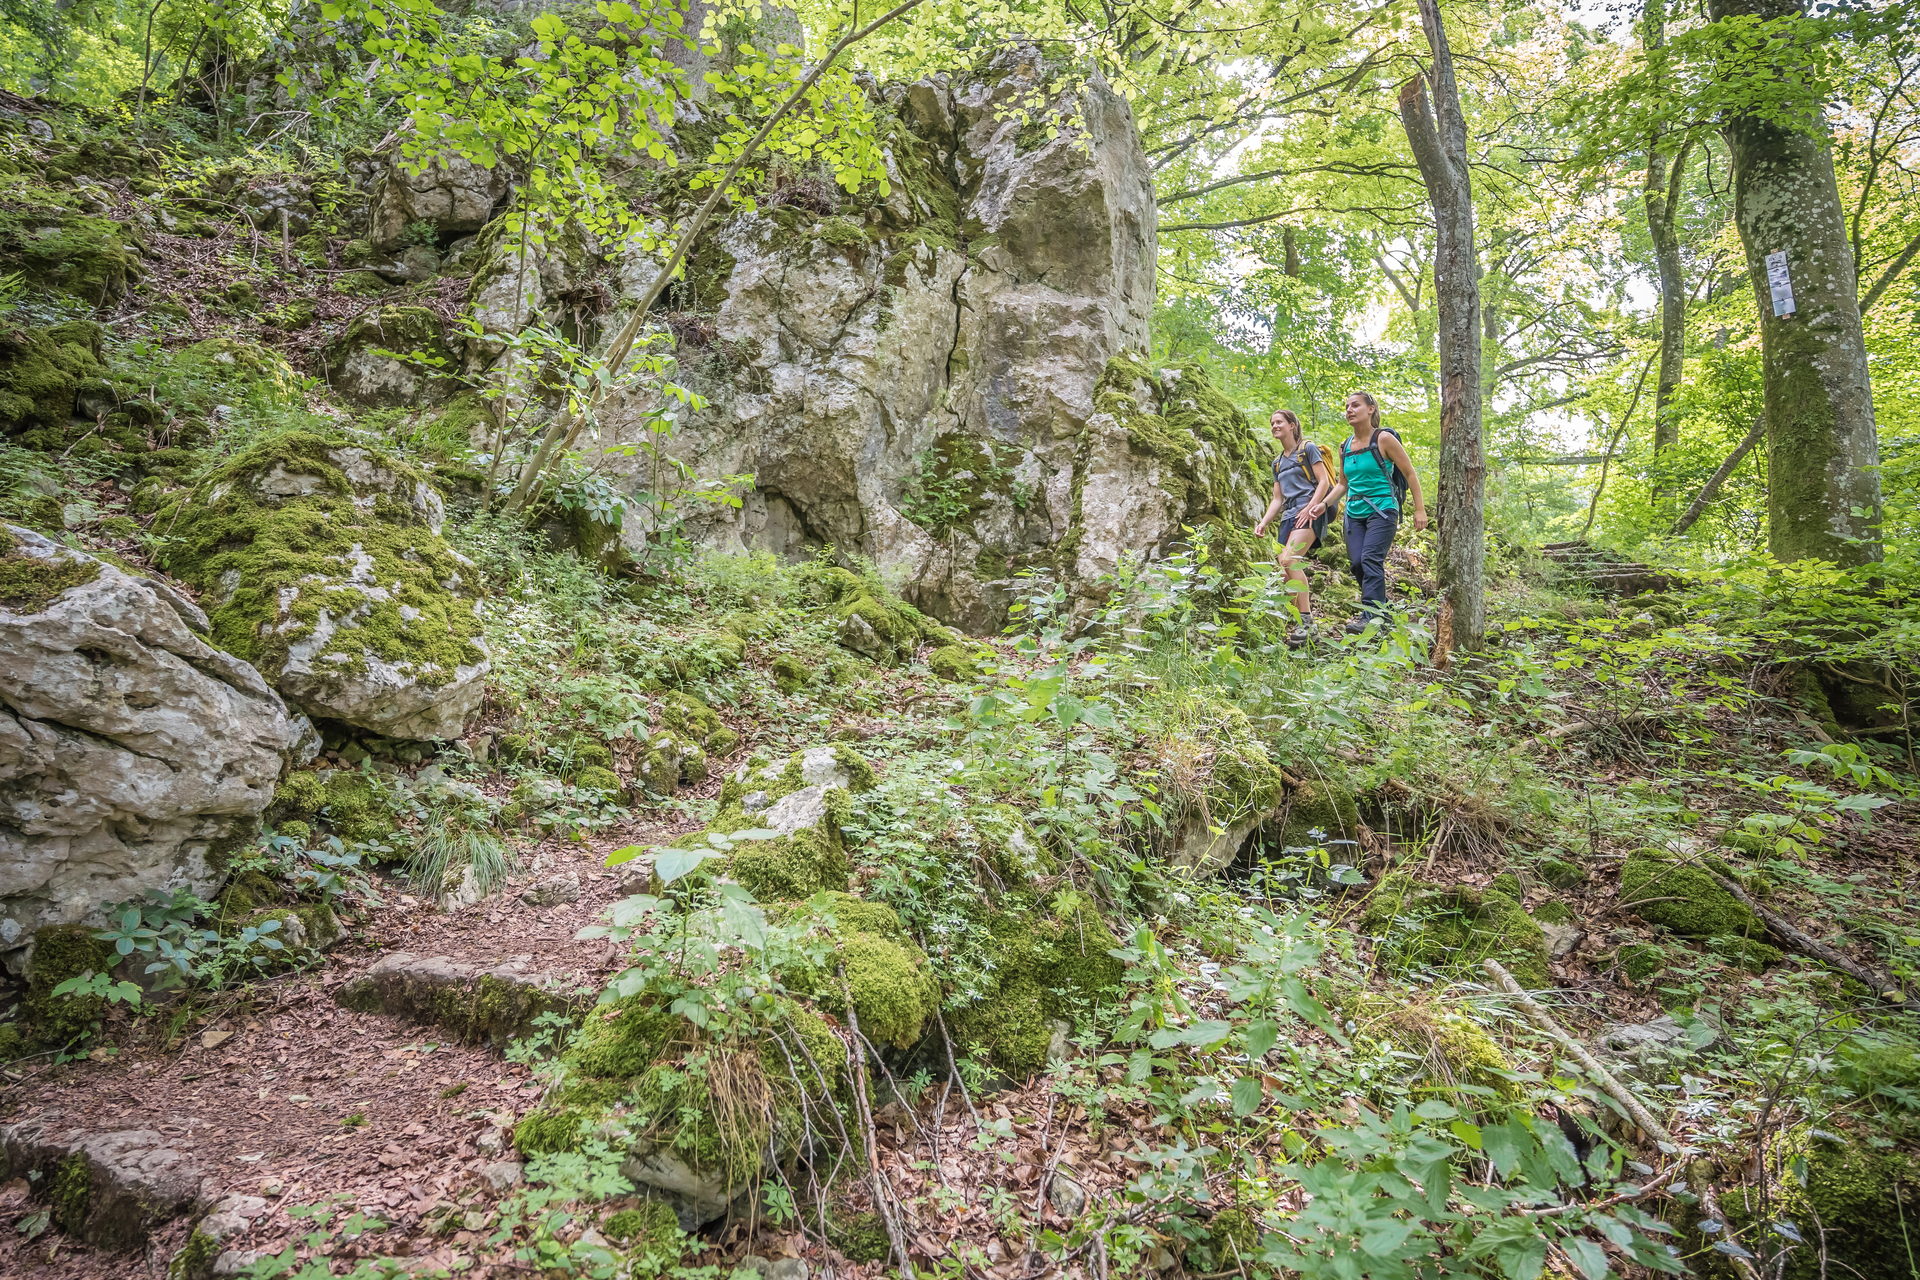 Zwei Wanderer*innen laufen durch einen Wald mit moosbedeckten Felsen und Stufen.